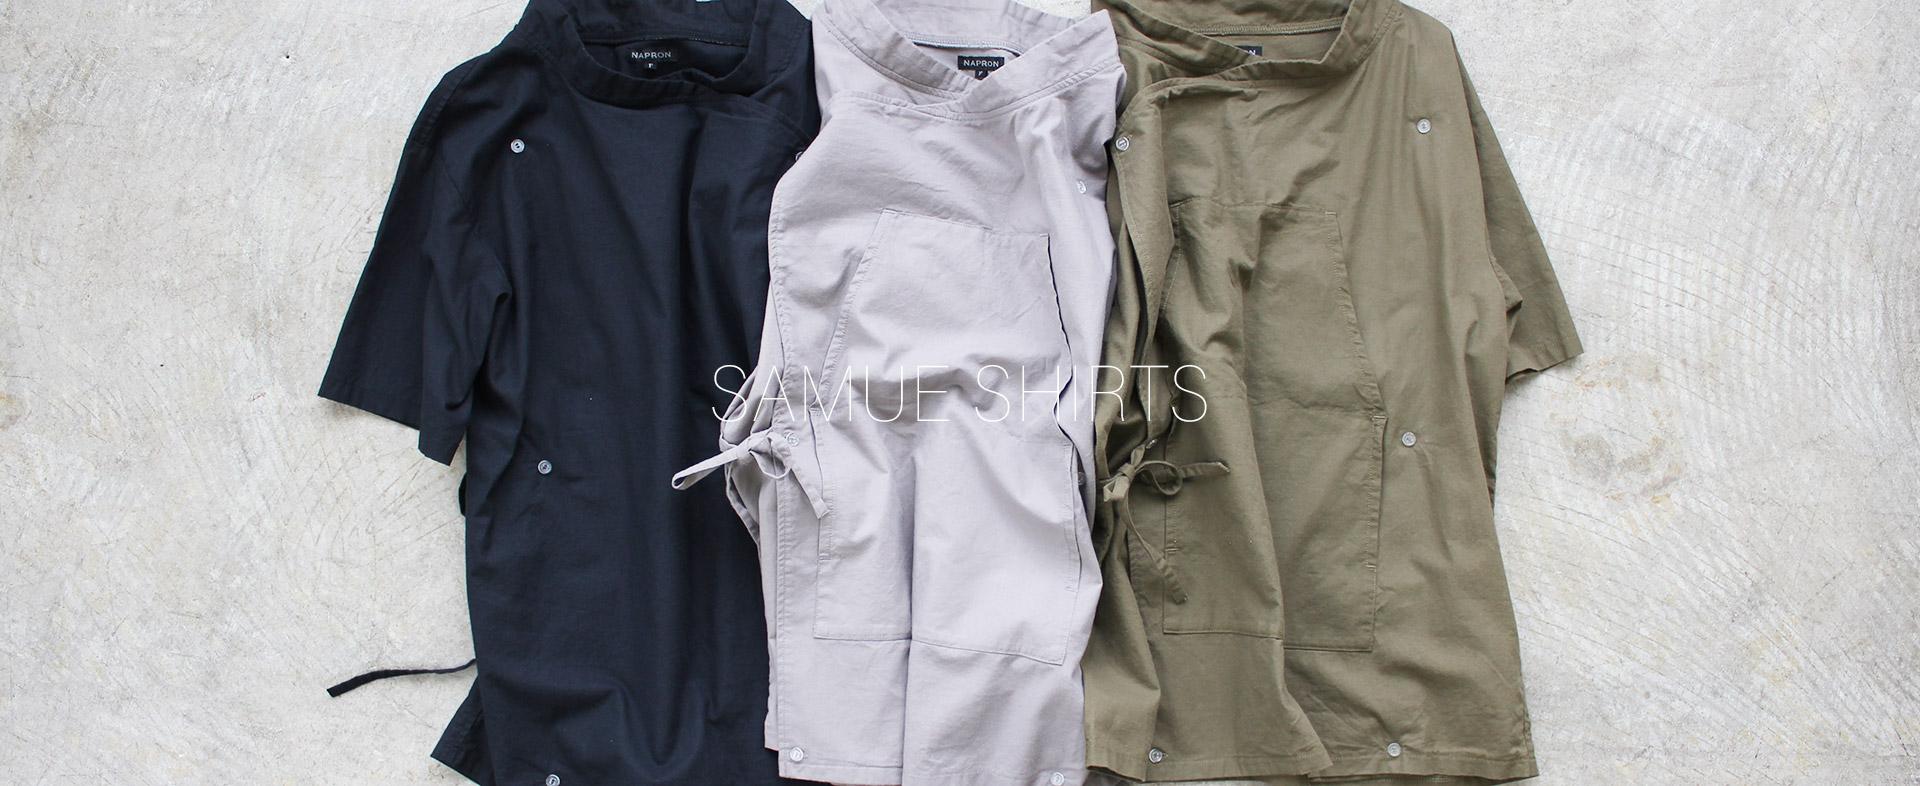 """古き良き""""作務衣""""を日常のファッションへ  特集ページ"""